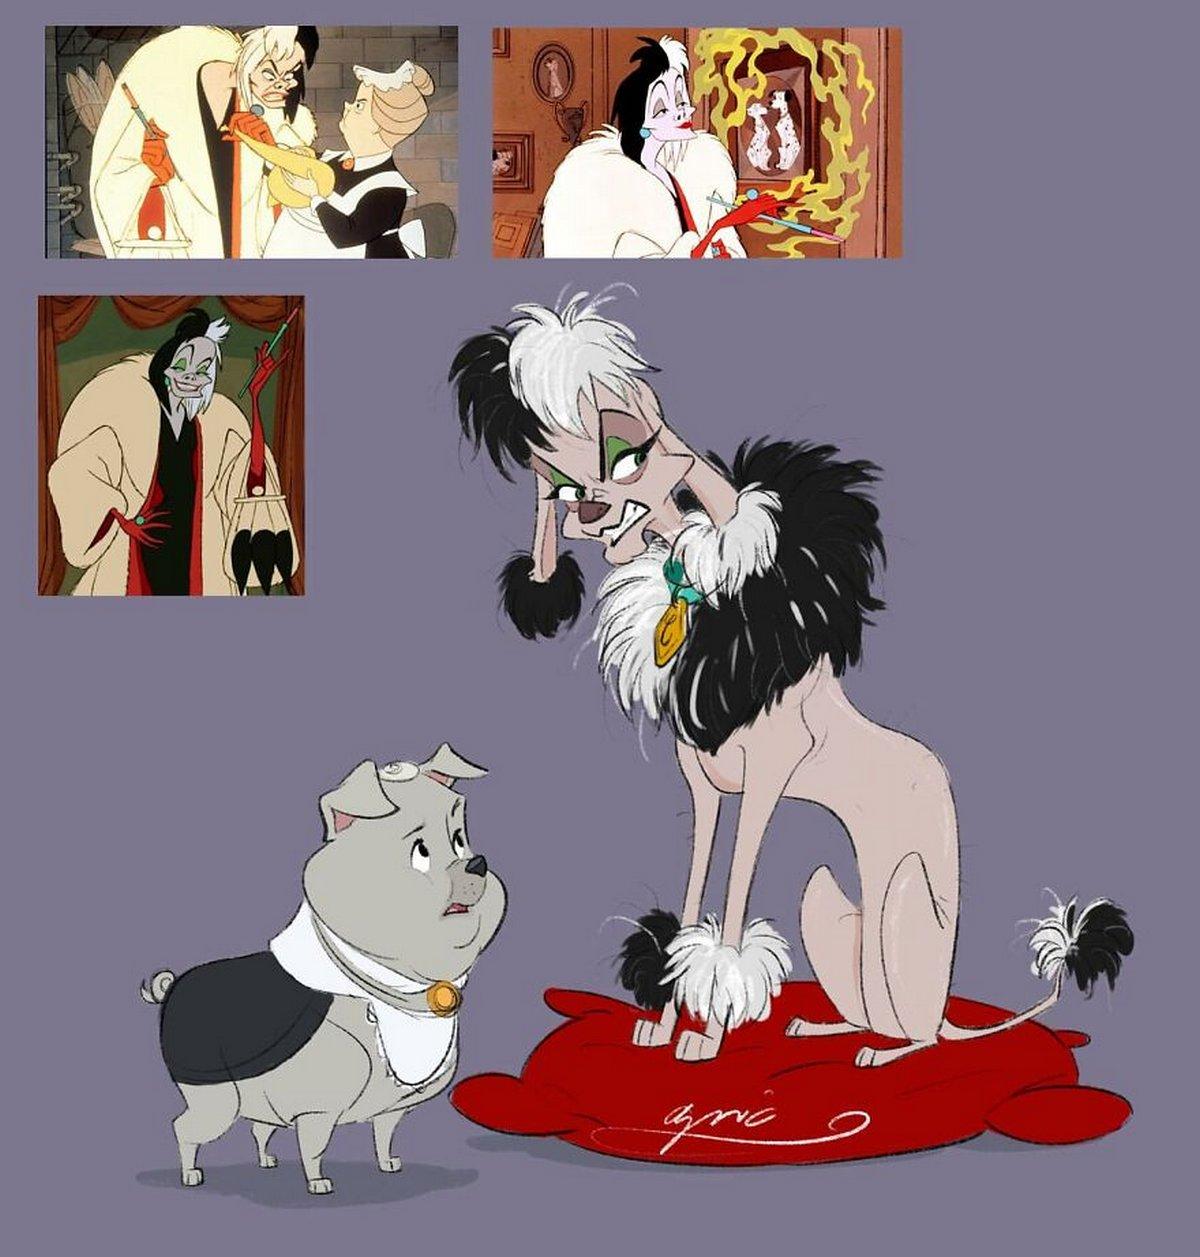 Cet artiste transforme les animaux des films Disney en humains et vice versa